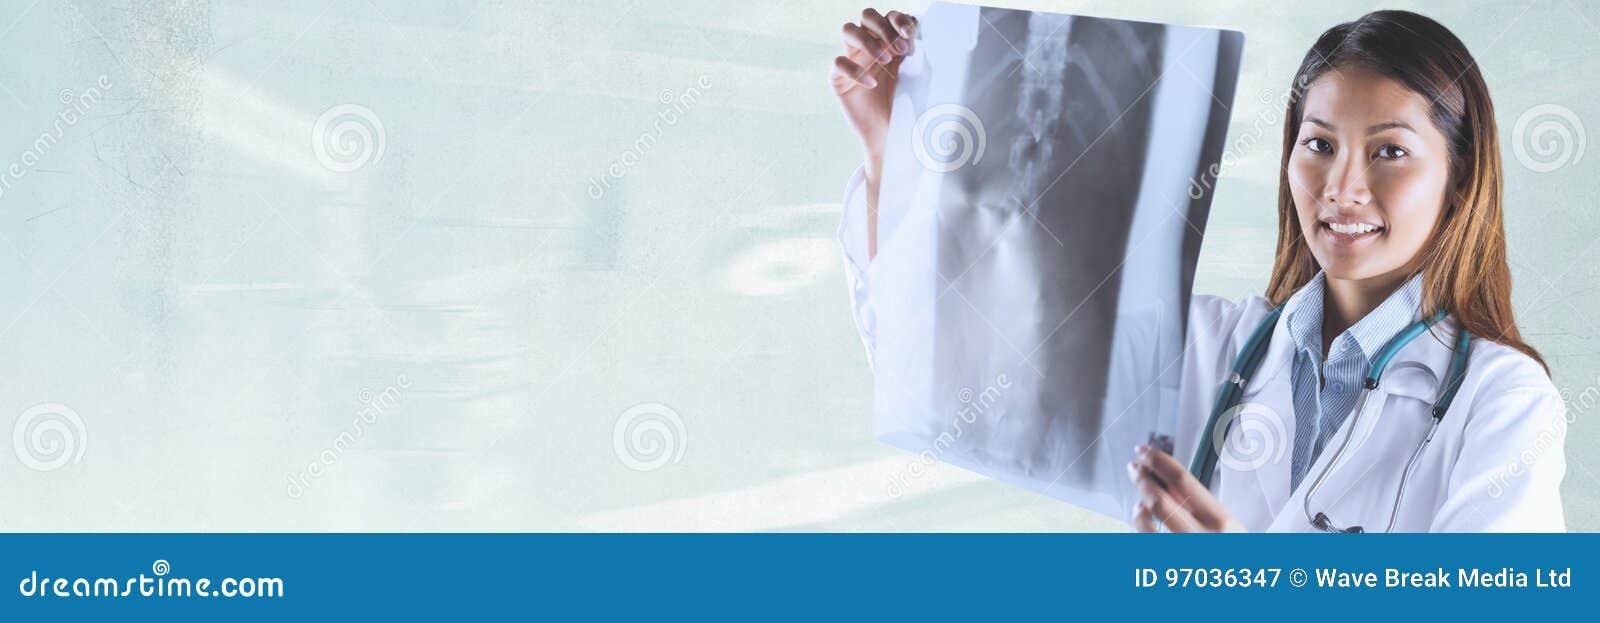 Artsenvrouw die een radiografie tegen groene achtergrond bekijken